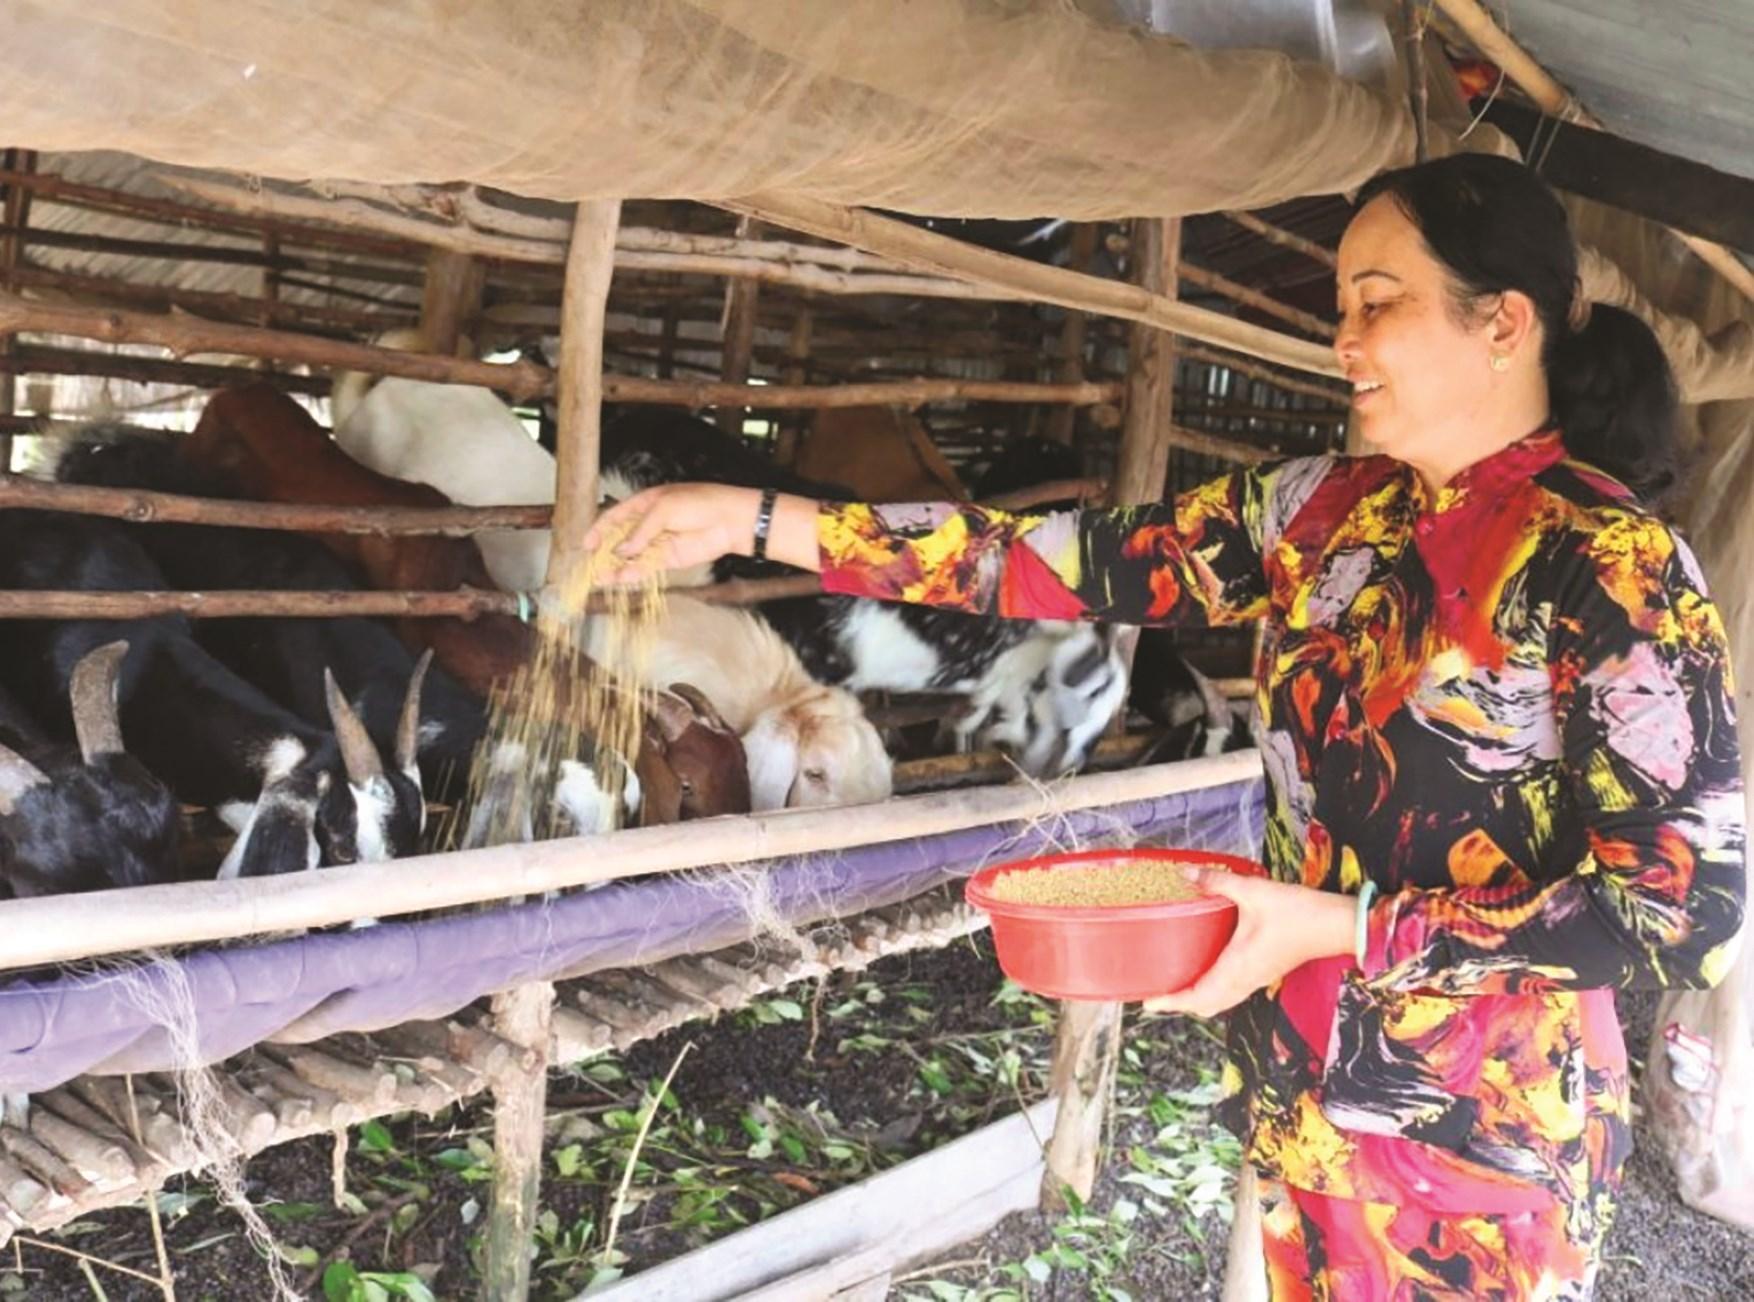 Từ nguồn vốn 30a hỗ trợ, gia đình chị Nguyễn Thị Tuyết ở ấp 8, xã Khánh Tiến đầu tư nuôi dê sinh sản giúp gia đình chị có thu nhập ổn định và thoát nghèo bền vững.